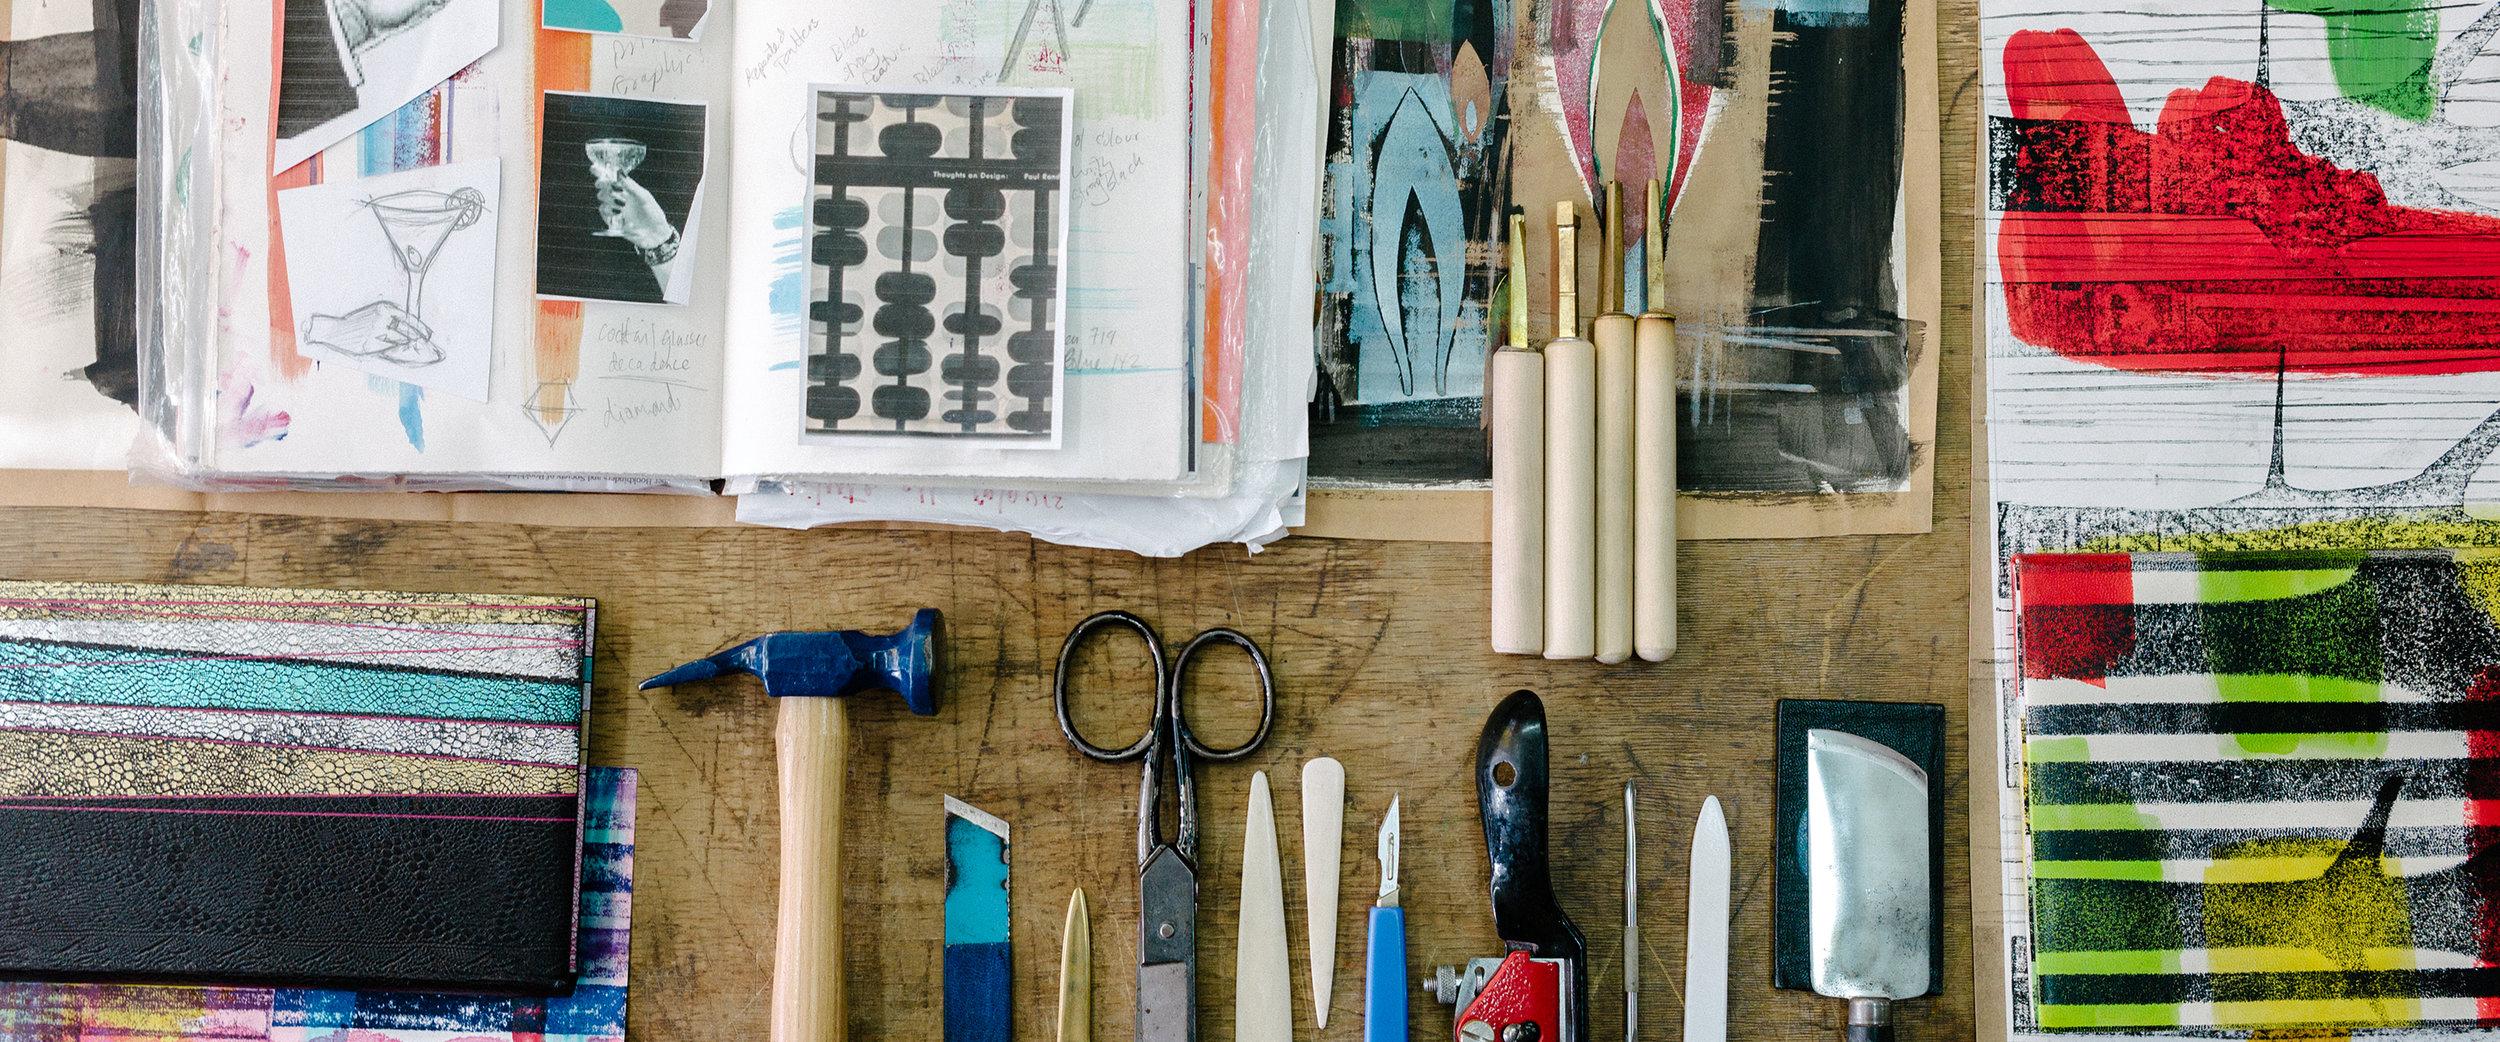 design bindings. -